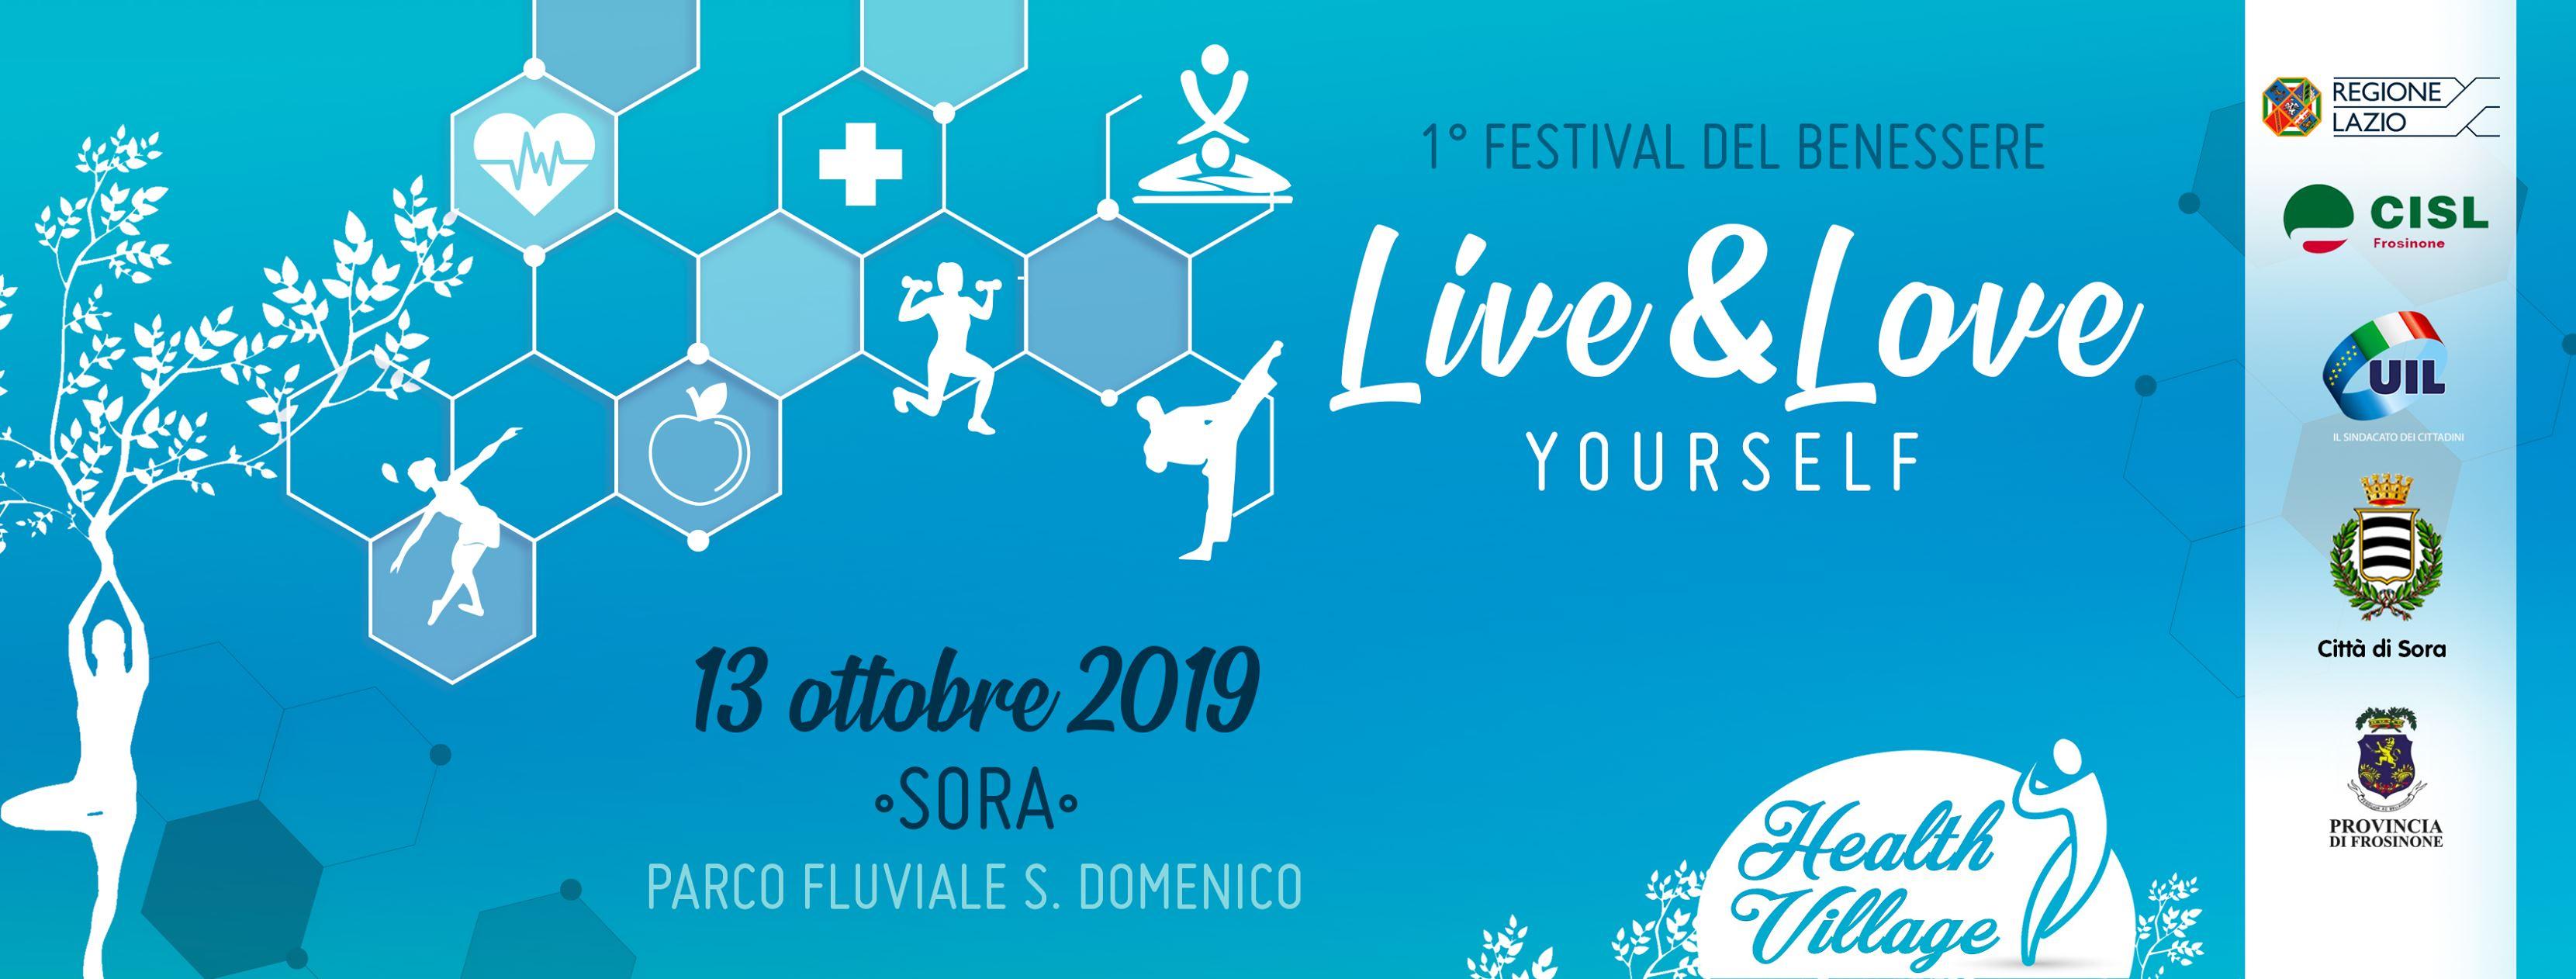 1' festival del benessere Live e Love Yourself a Sora